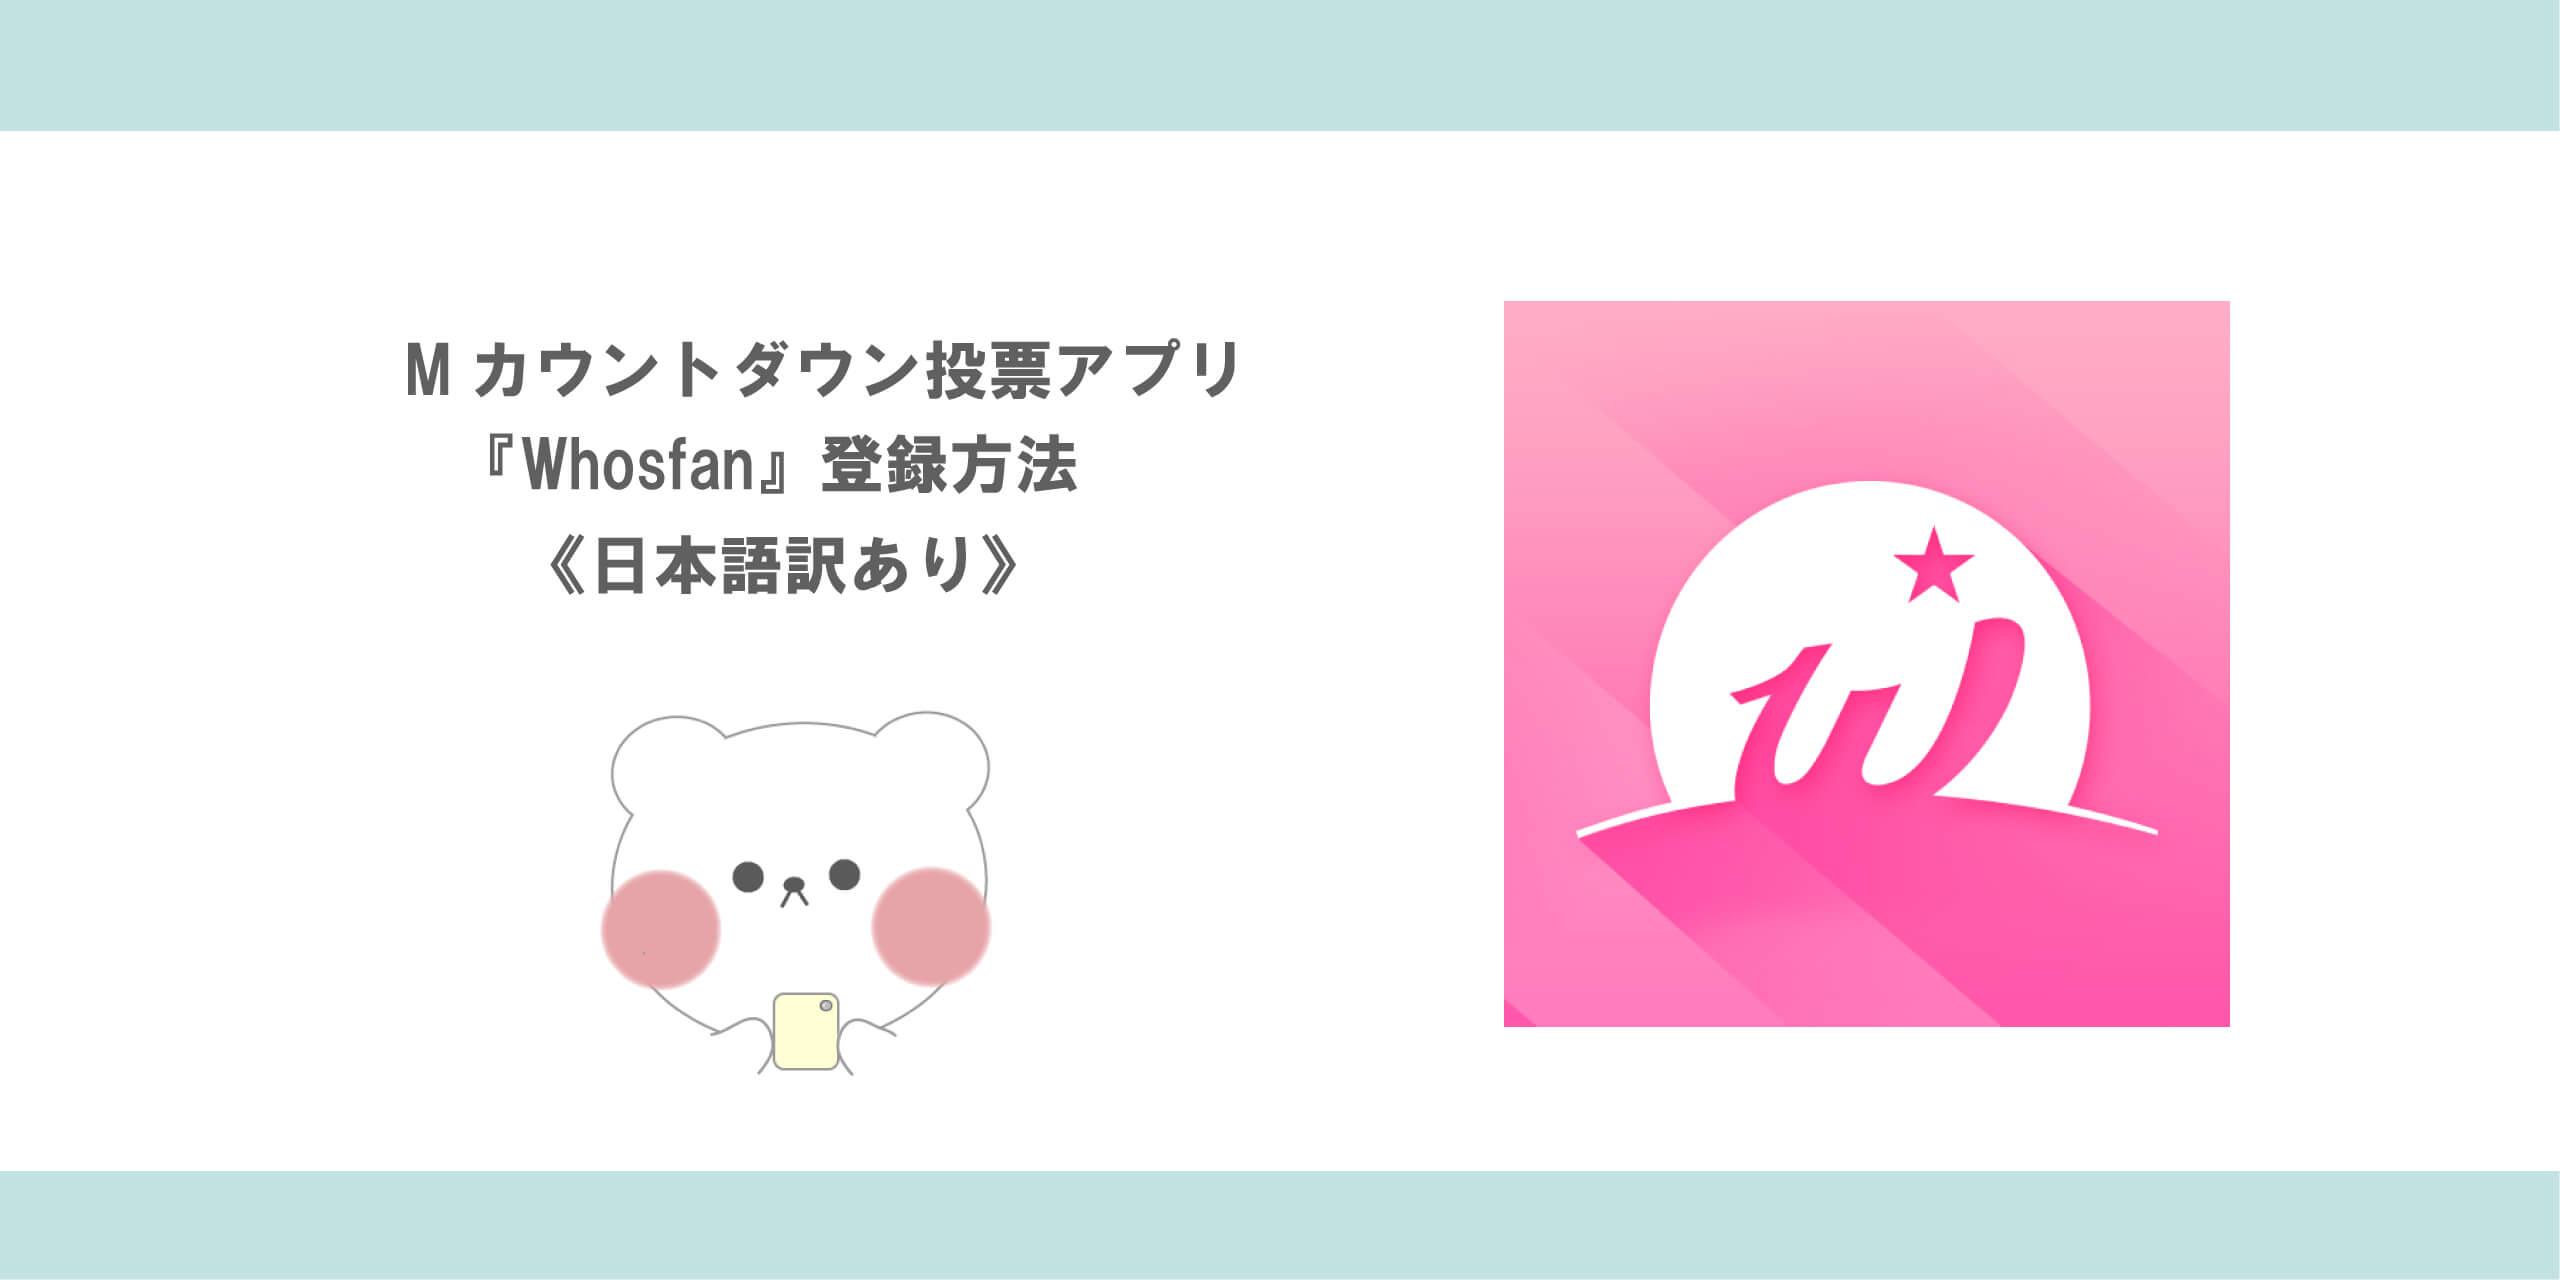 【2021年最新版】Mカウントダウンの投票アプリ『Whosfan』登録方法